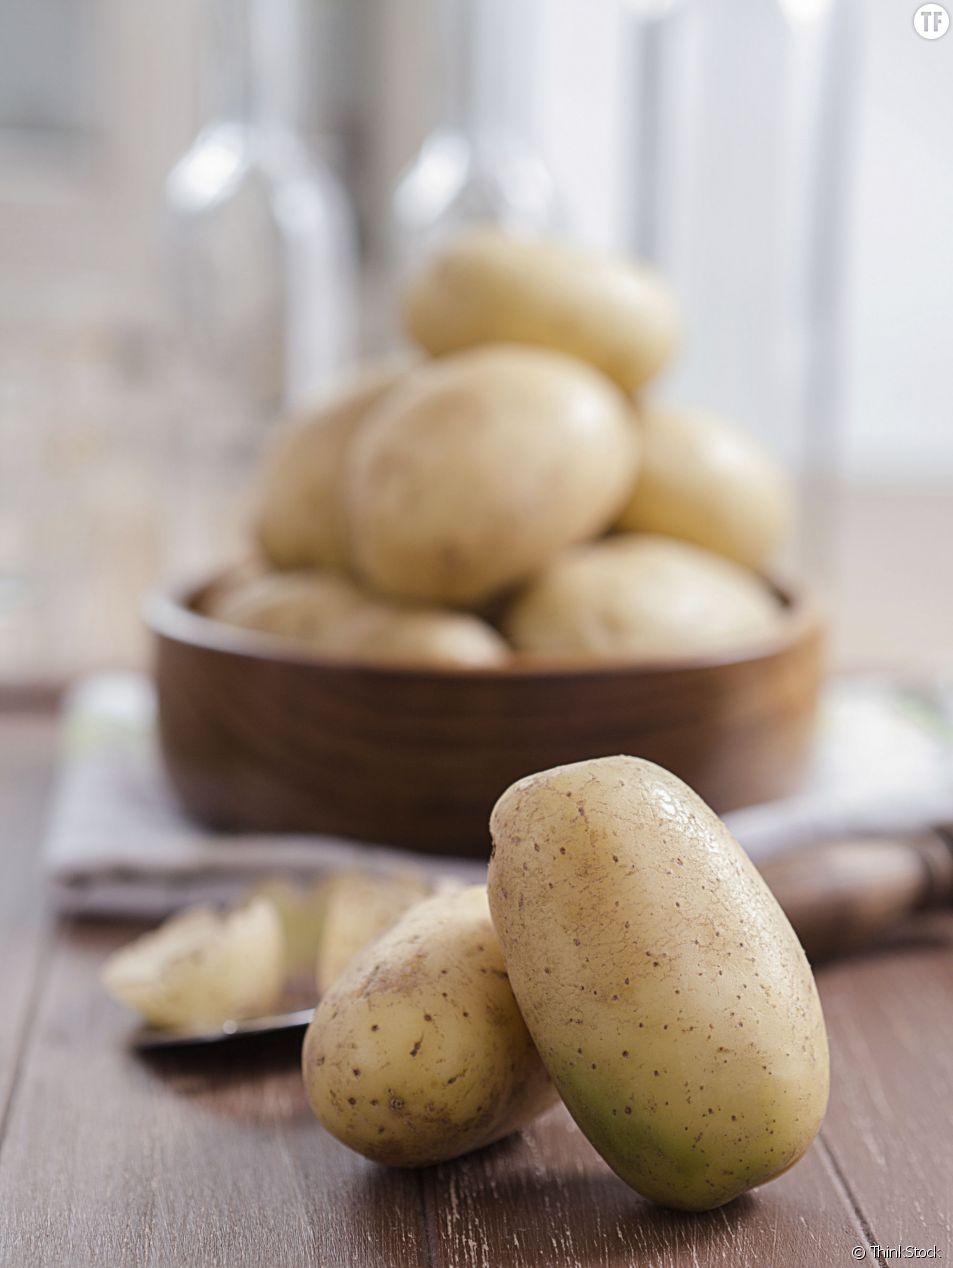 Eplucher des patates en quelques secones, c'est POSSIBLE